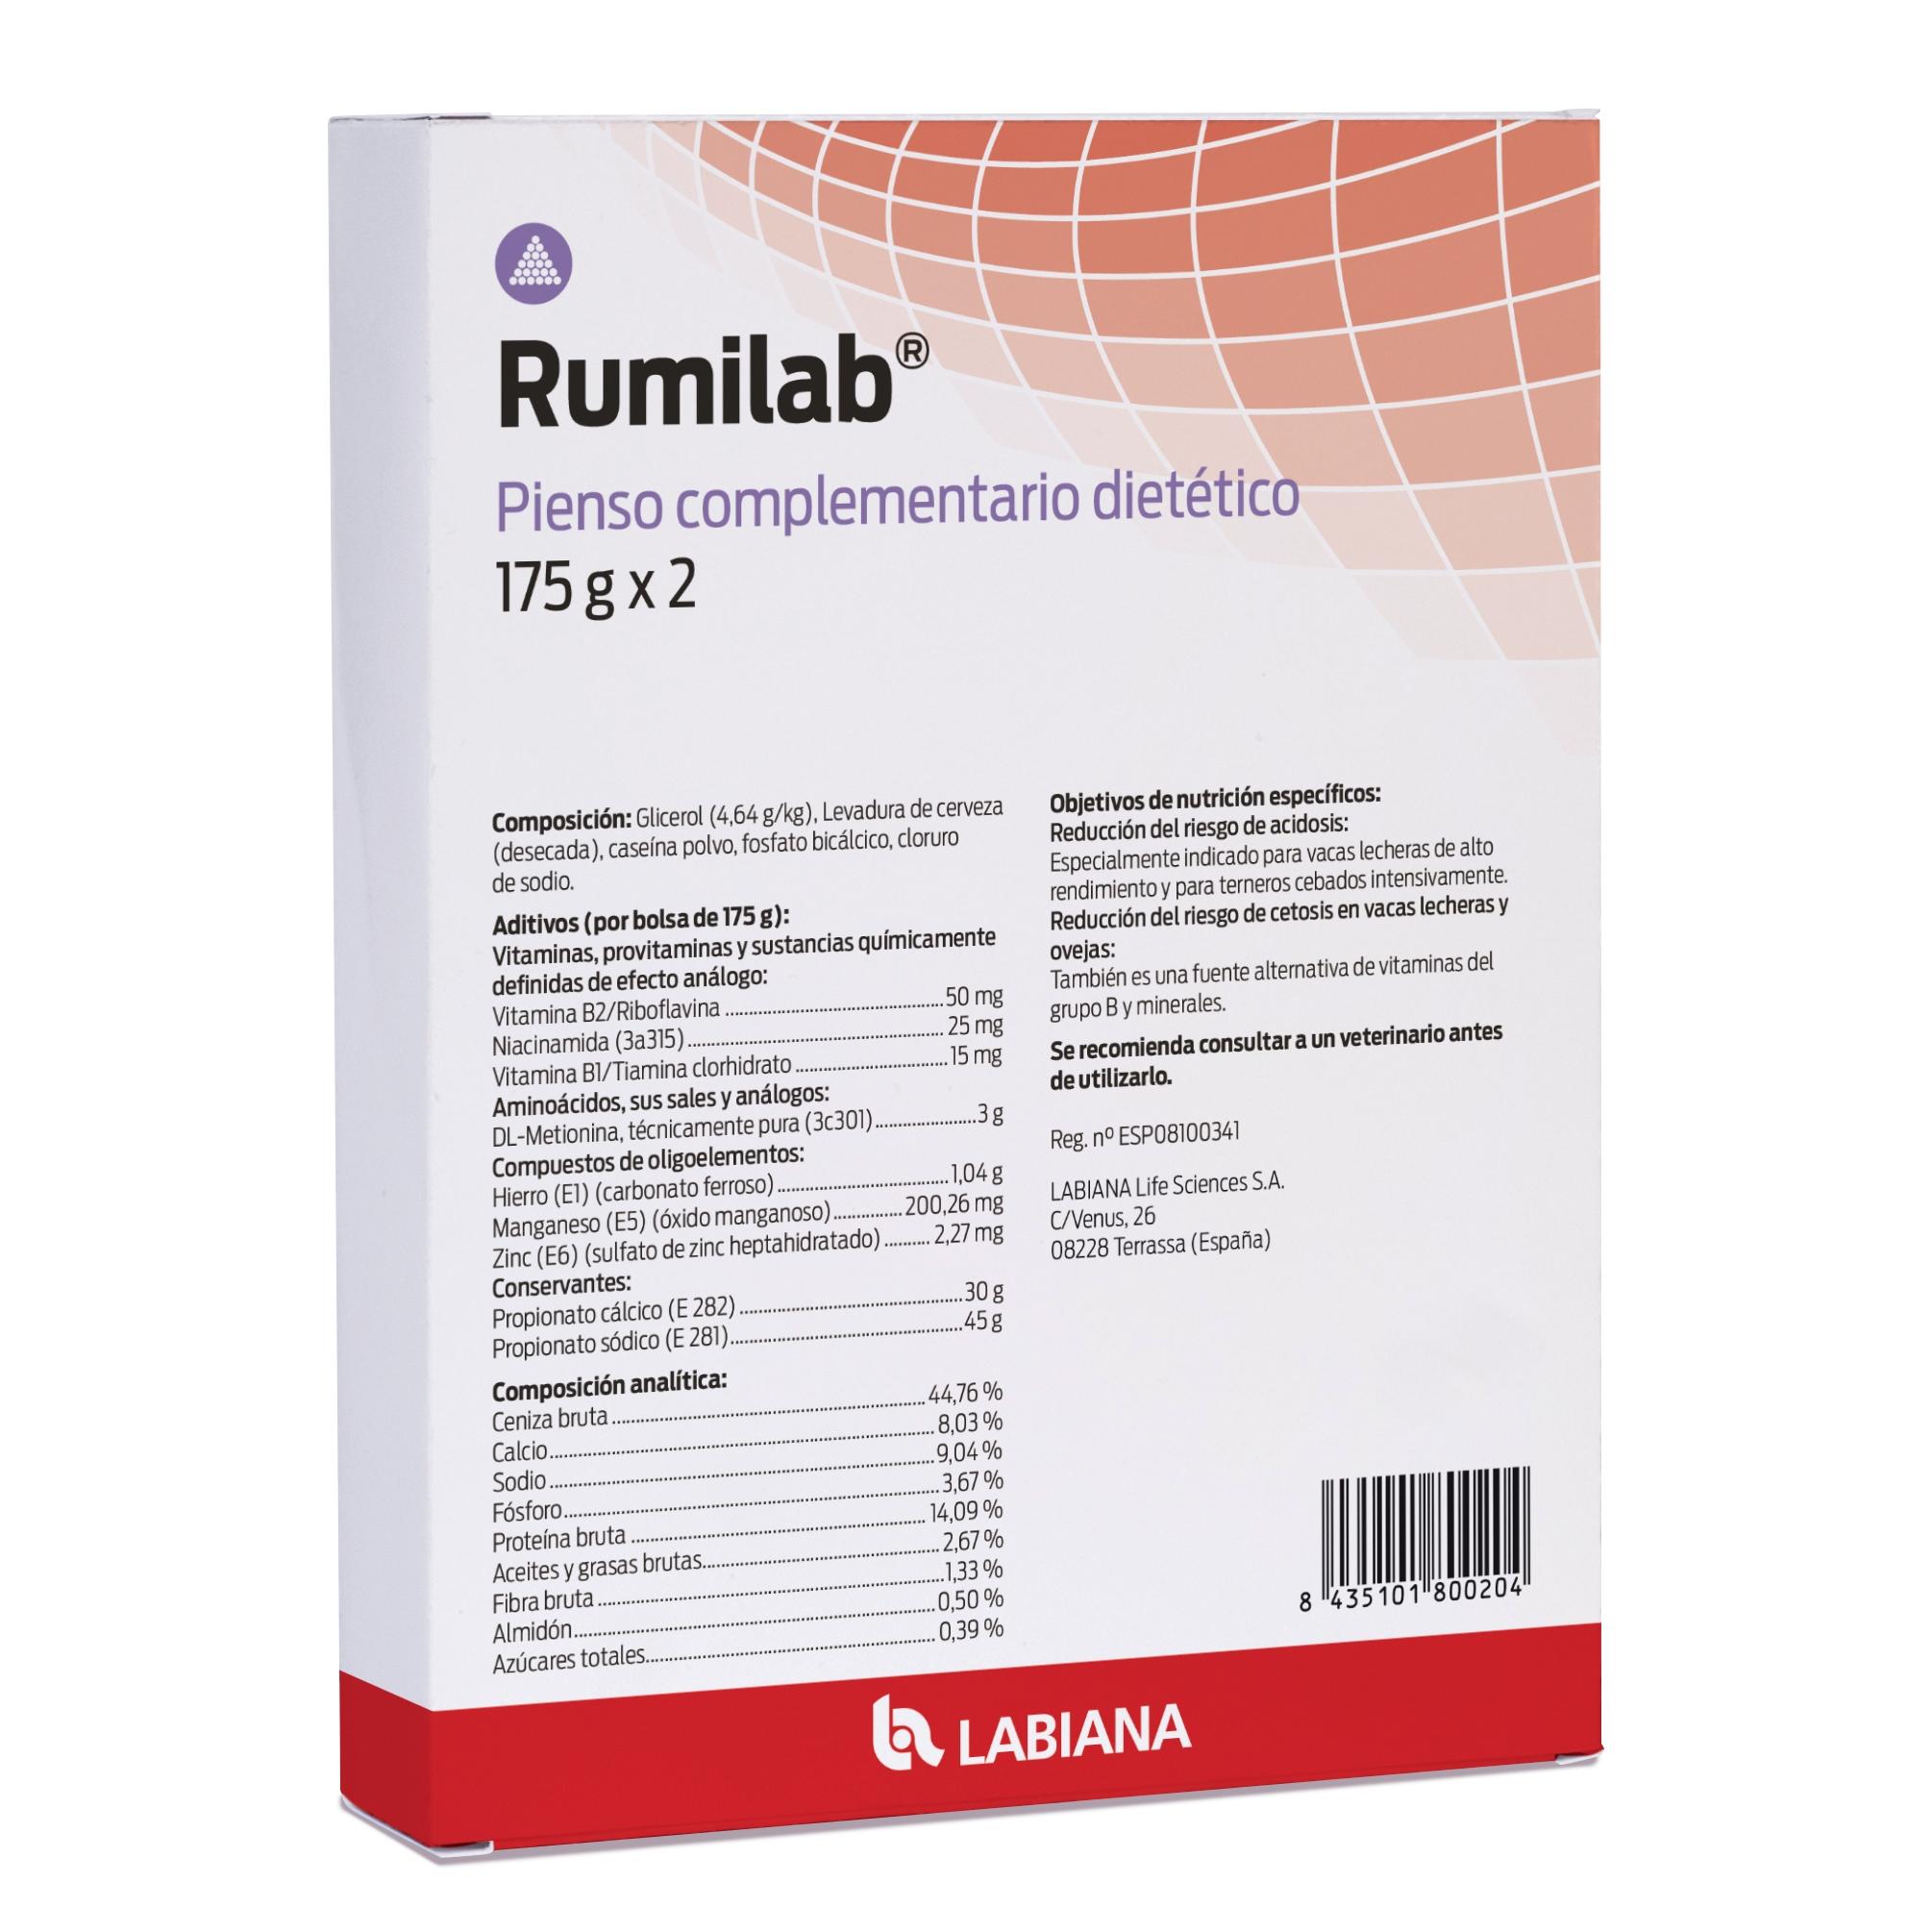 Rumilab, 175 g x 2 imagine